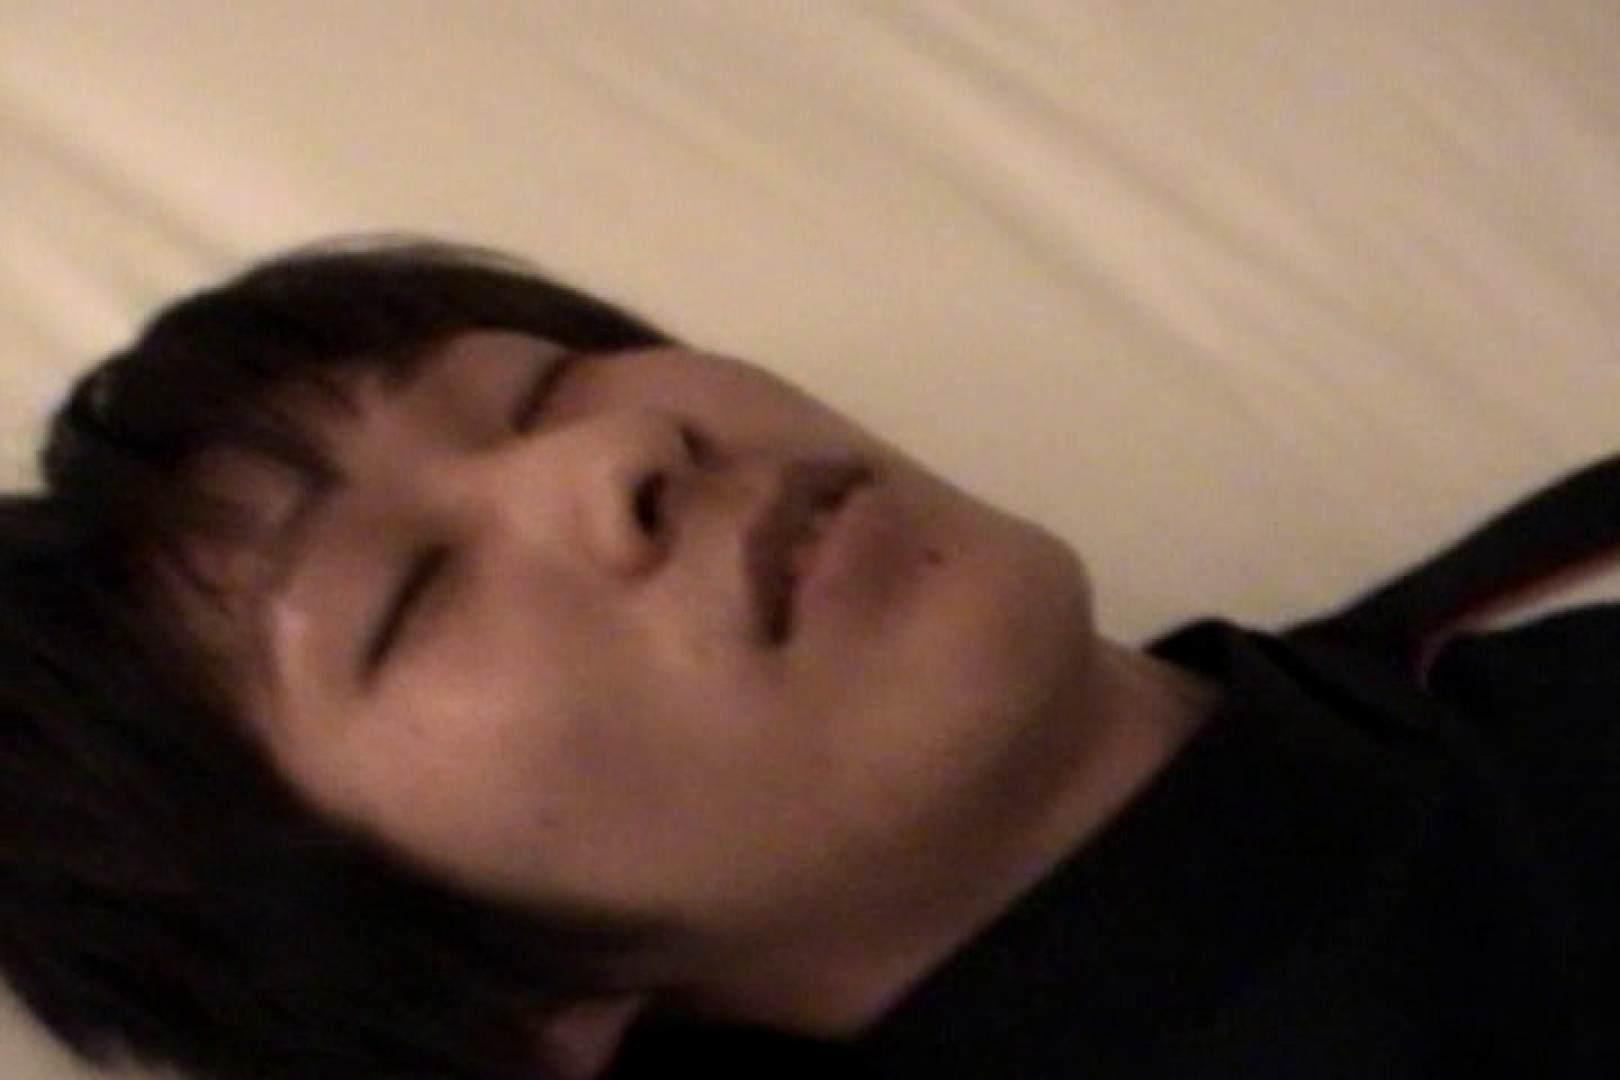 三ツ星シリーズ 魅惑のMemorial Night!! vol.01 フェラ ゲイエロビデオ画像 78枚 5